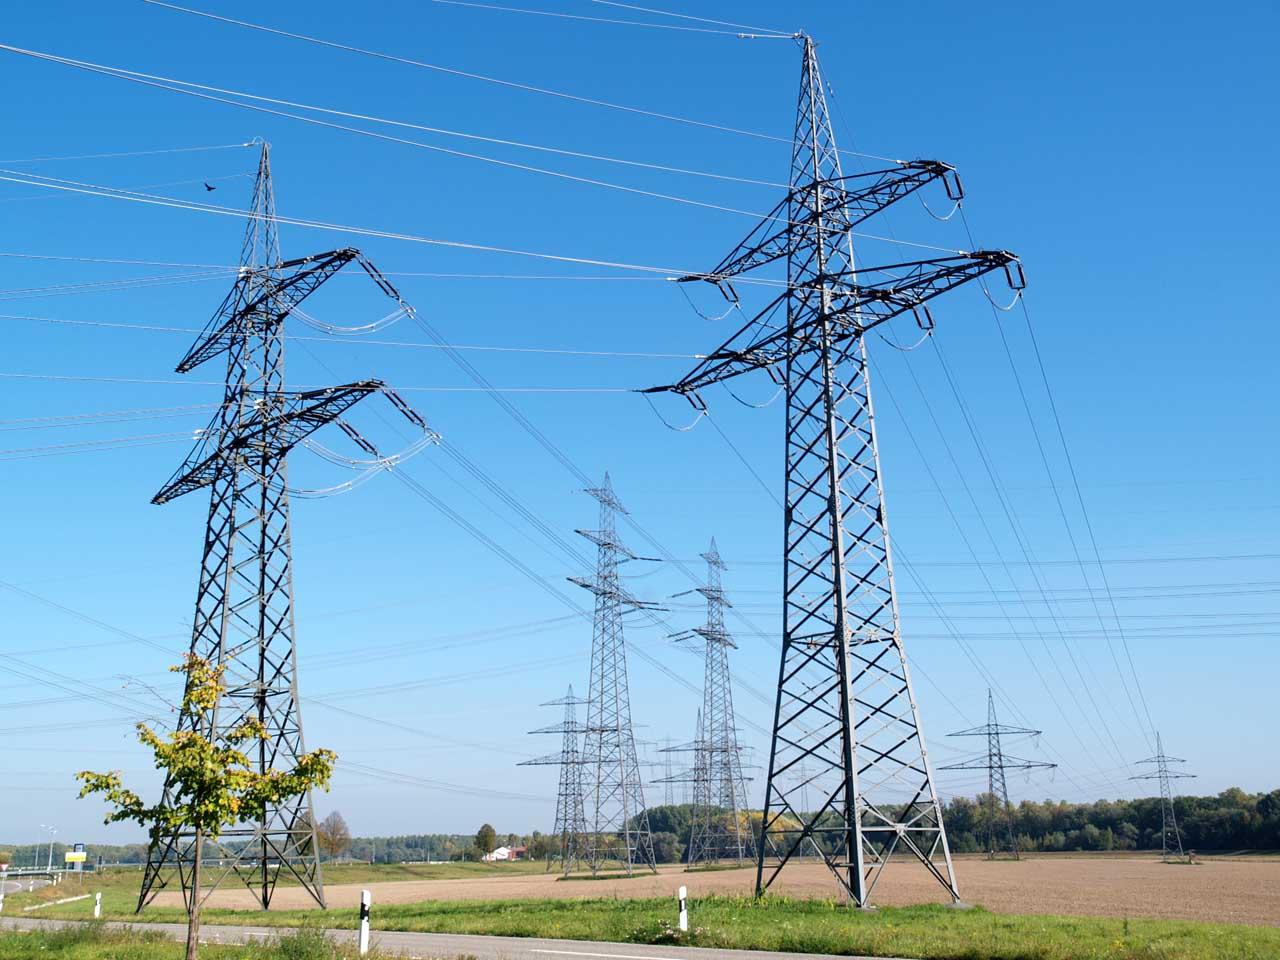 計3800キロにおよぶ高圧送電線の建設が必要とされている、ドイツ・フィリップスブルク、2011.11.10. © Matsuda Masahiro